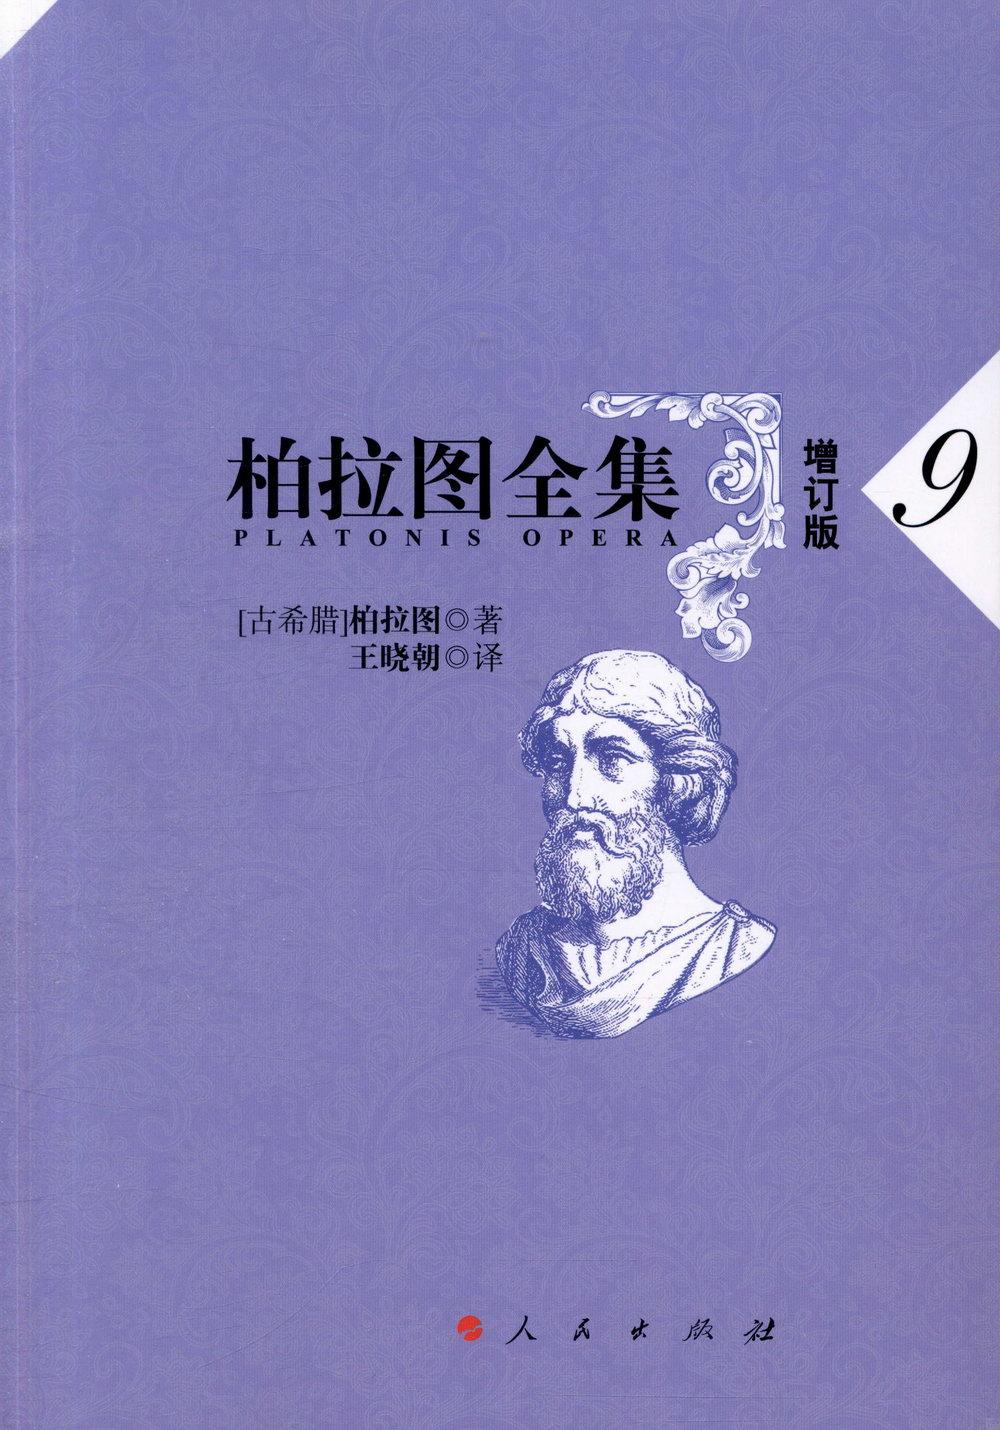 柏拉圖全集(9)(增訂版)